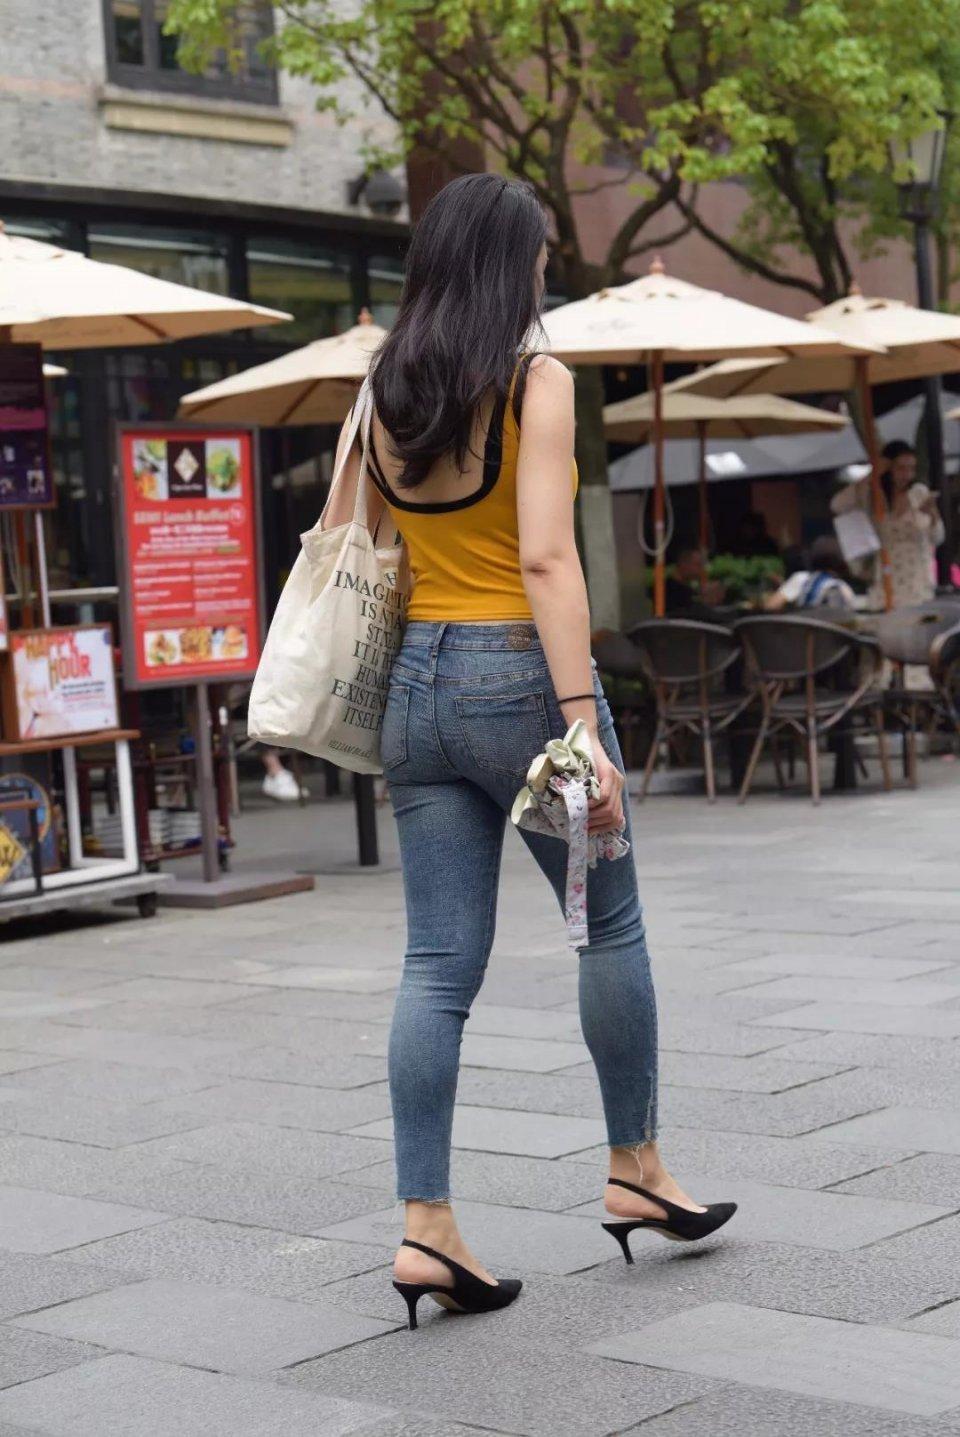 邓晶丰满美臀_街拍:一个人逛街身材丰满的牛仔长裤美臀美女